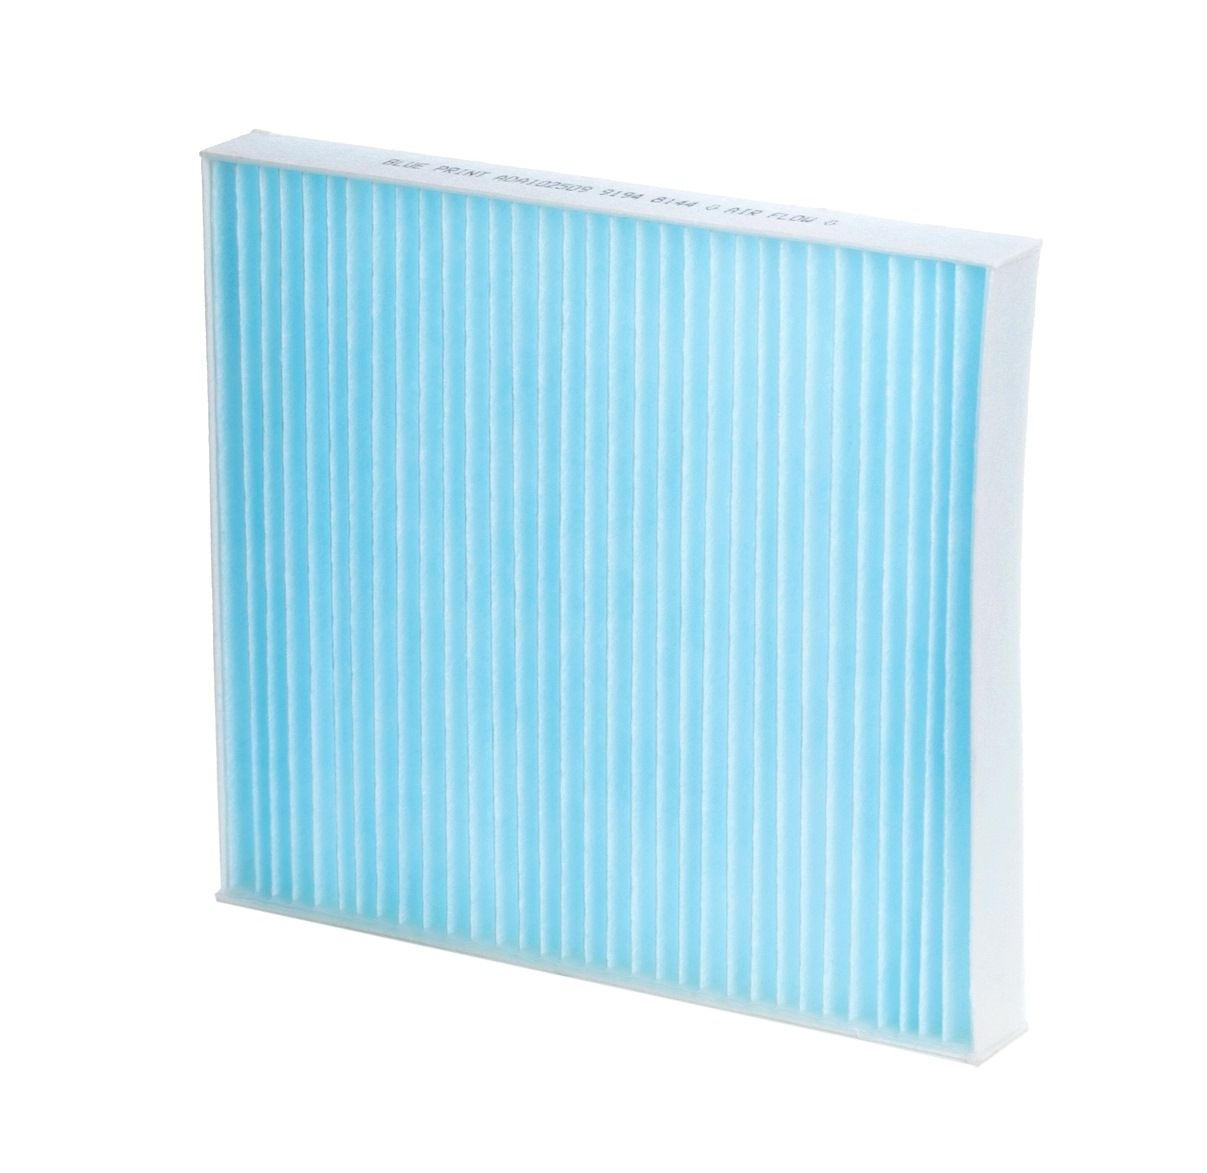 Pollenfilter BLUE PRINT ADA102509 Bewertung